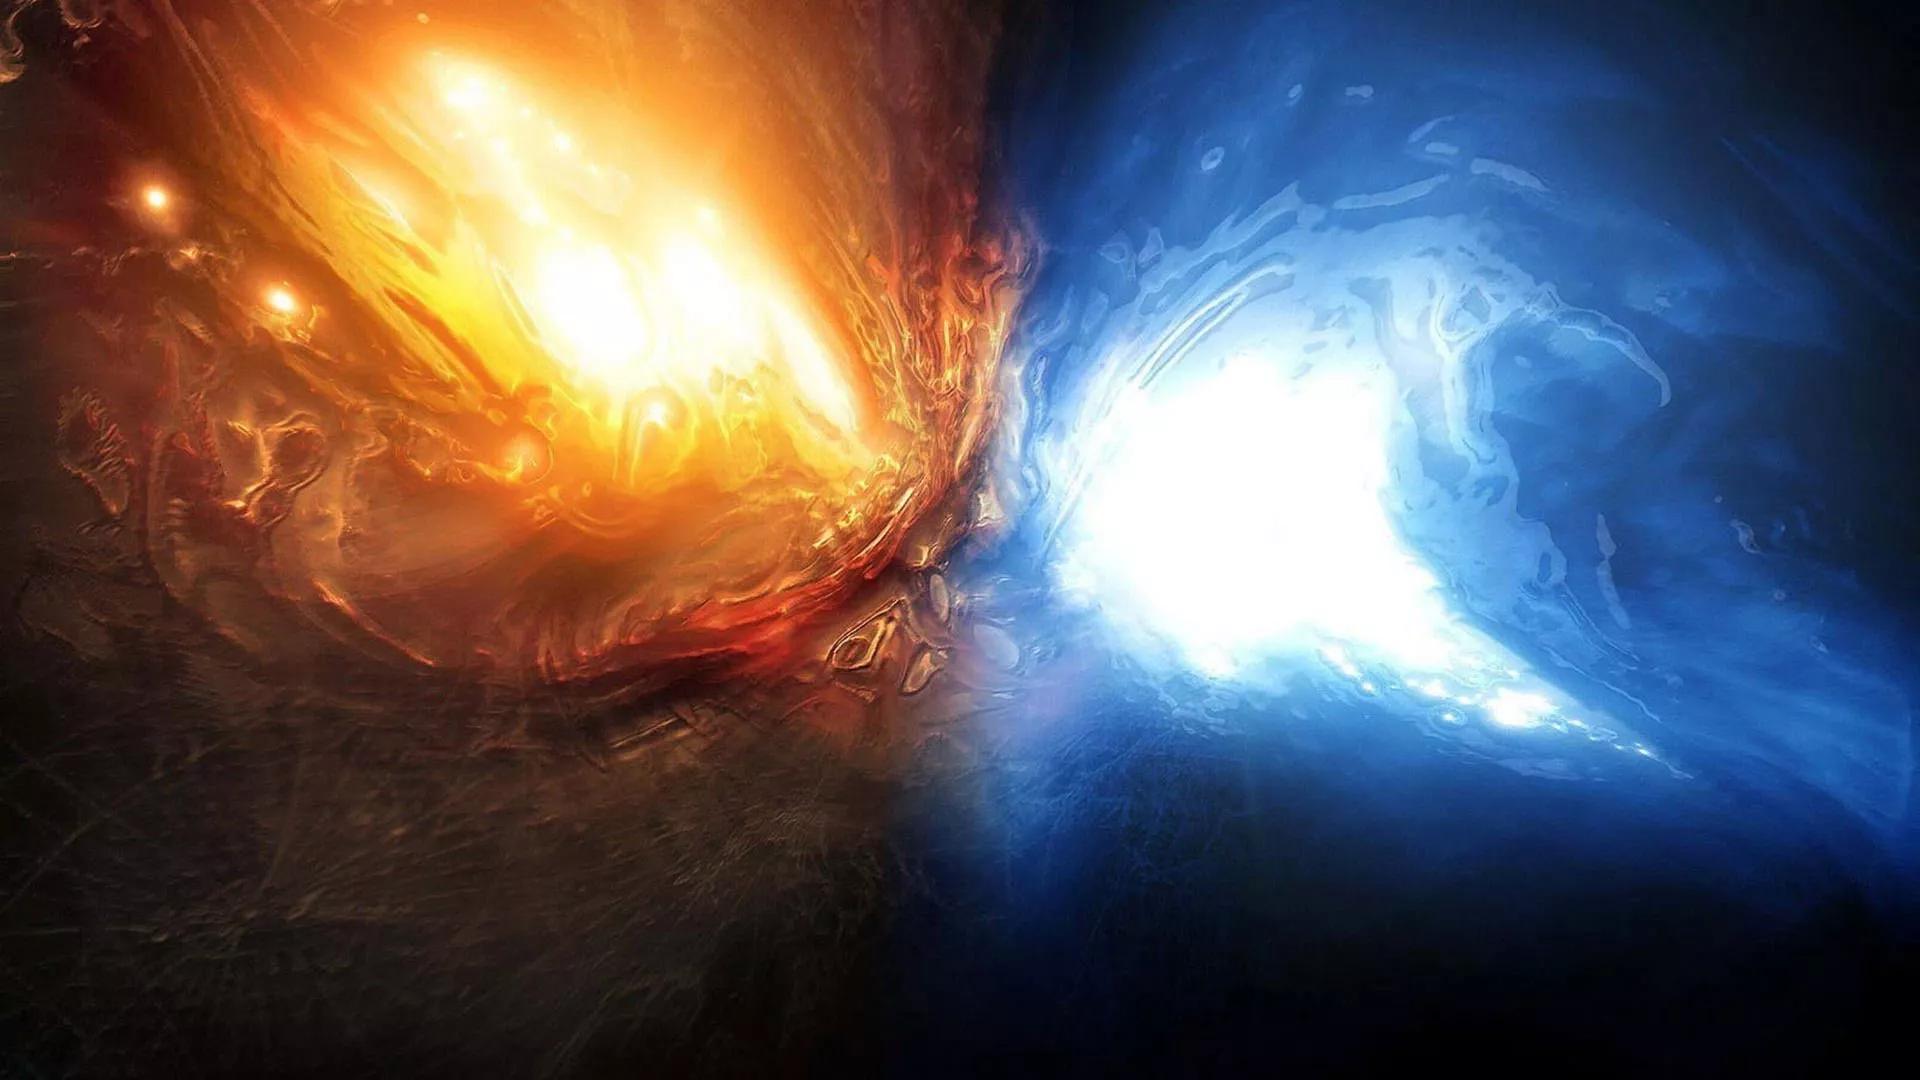 En el oscuro abismo que dio origen a toda la vida en la mitología nórdica se encontraban las fuerzas del fuego (Muspelheim) y el hielo (Niflheim).